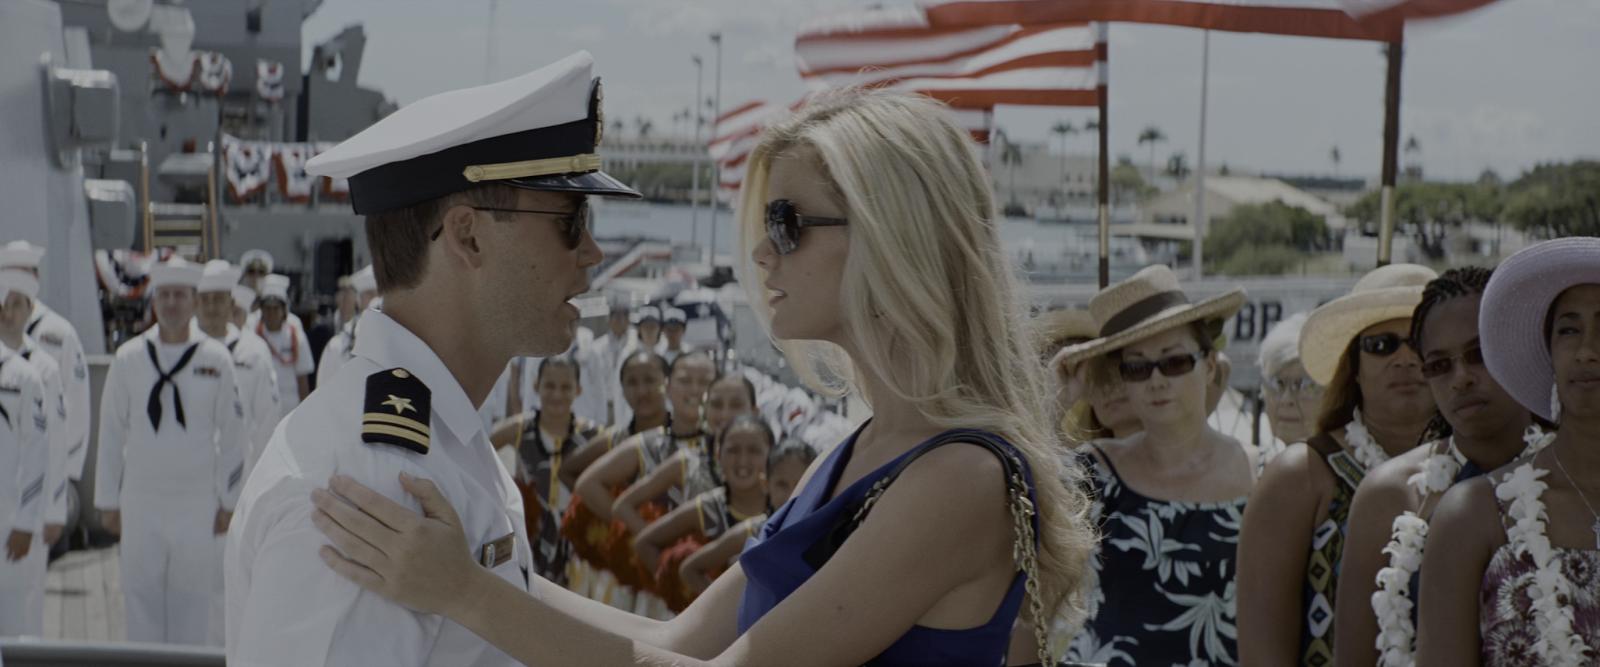 Batalla Naval (2012) 4K UHD [HDR] Latino-Ingles captura 1